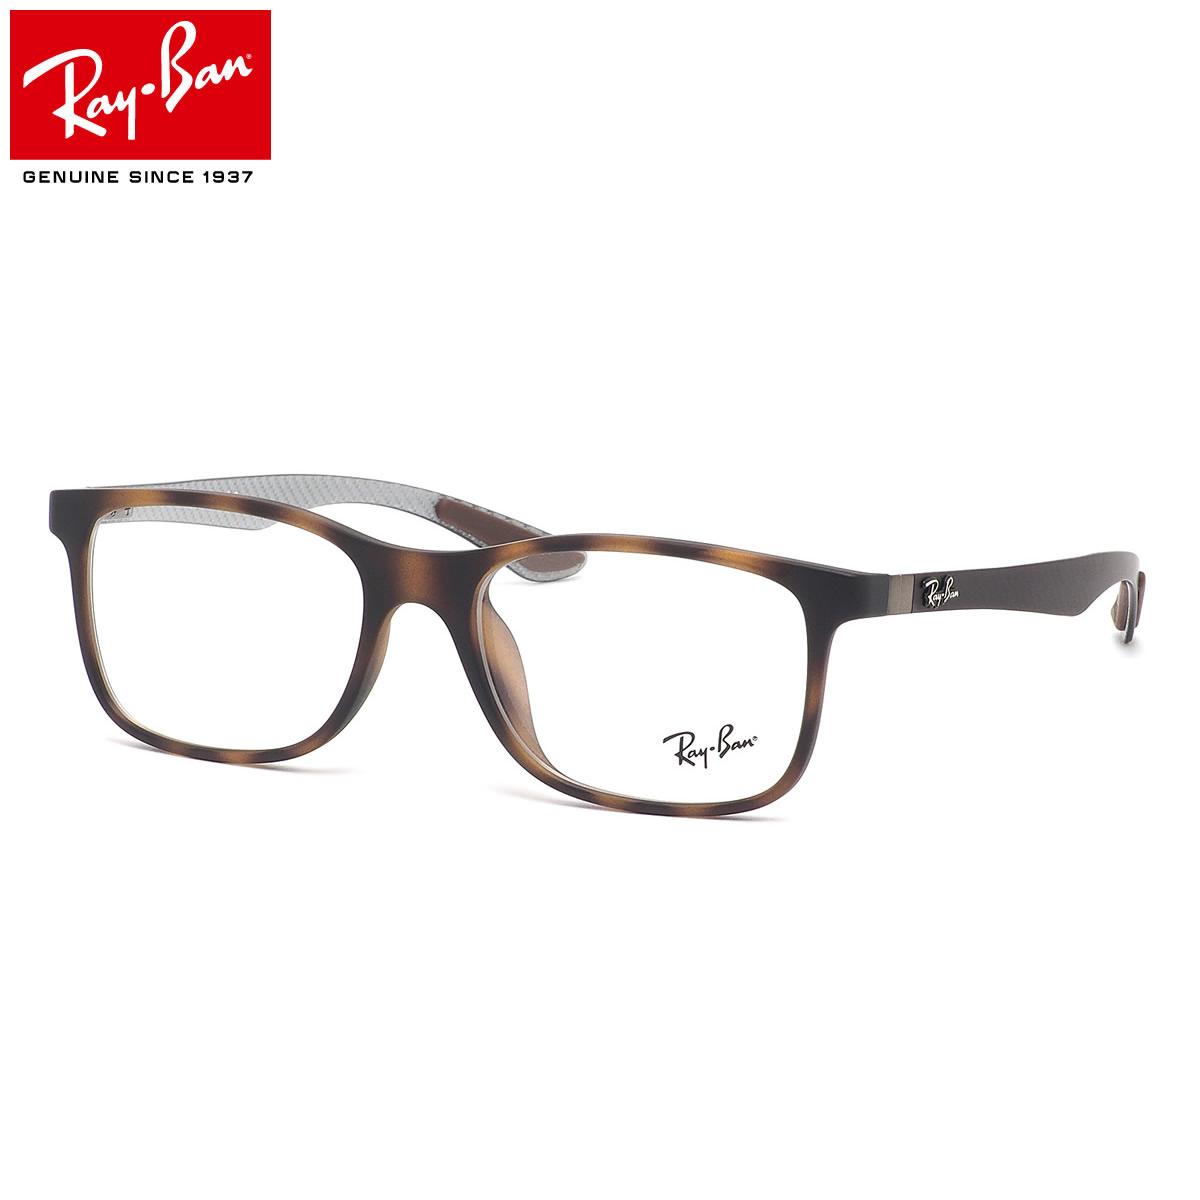 【10月30日からエントリーで全品ポイント20倍】レイバン メガネ フレーム Ray-Ban RX8903F 5200 55サイズ スクエア フルフィット レイバン RAYBAN メンズ レディース